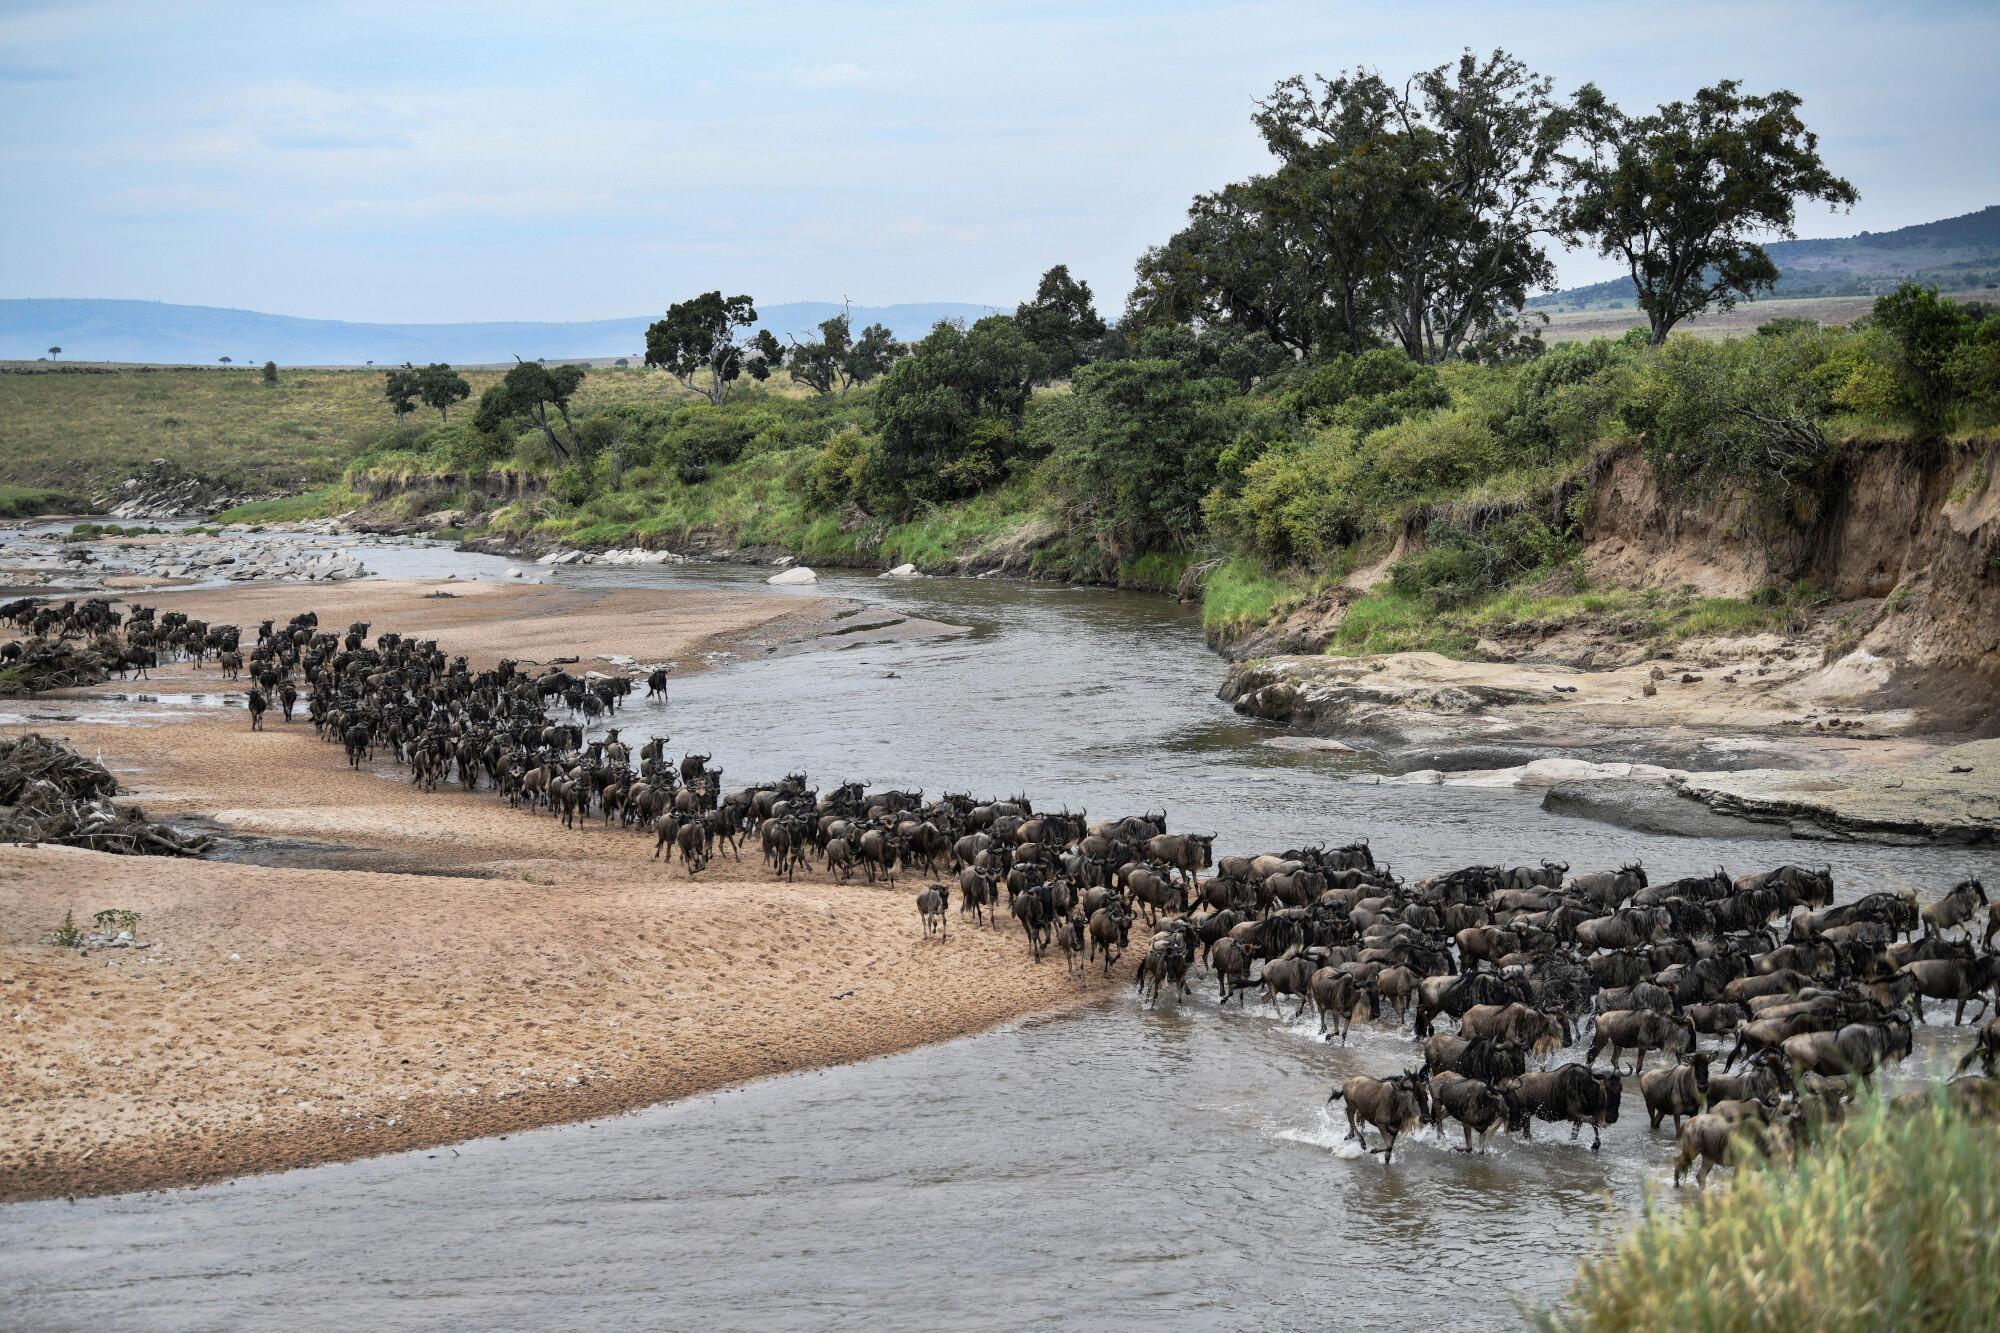 Un troupeau de gnous à leur arrivée dans la réserve nationale Maasai Mara du Kenya depuis le parc national du Serengeti en Tanzanie pendant le début de la migration annuelle le 18 juillet 2020.